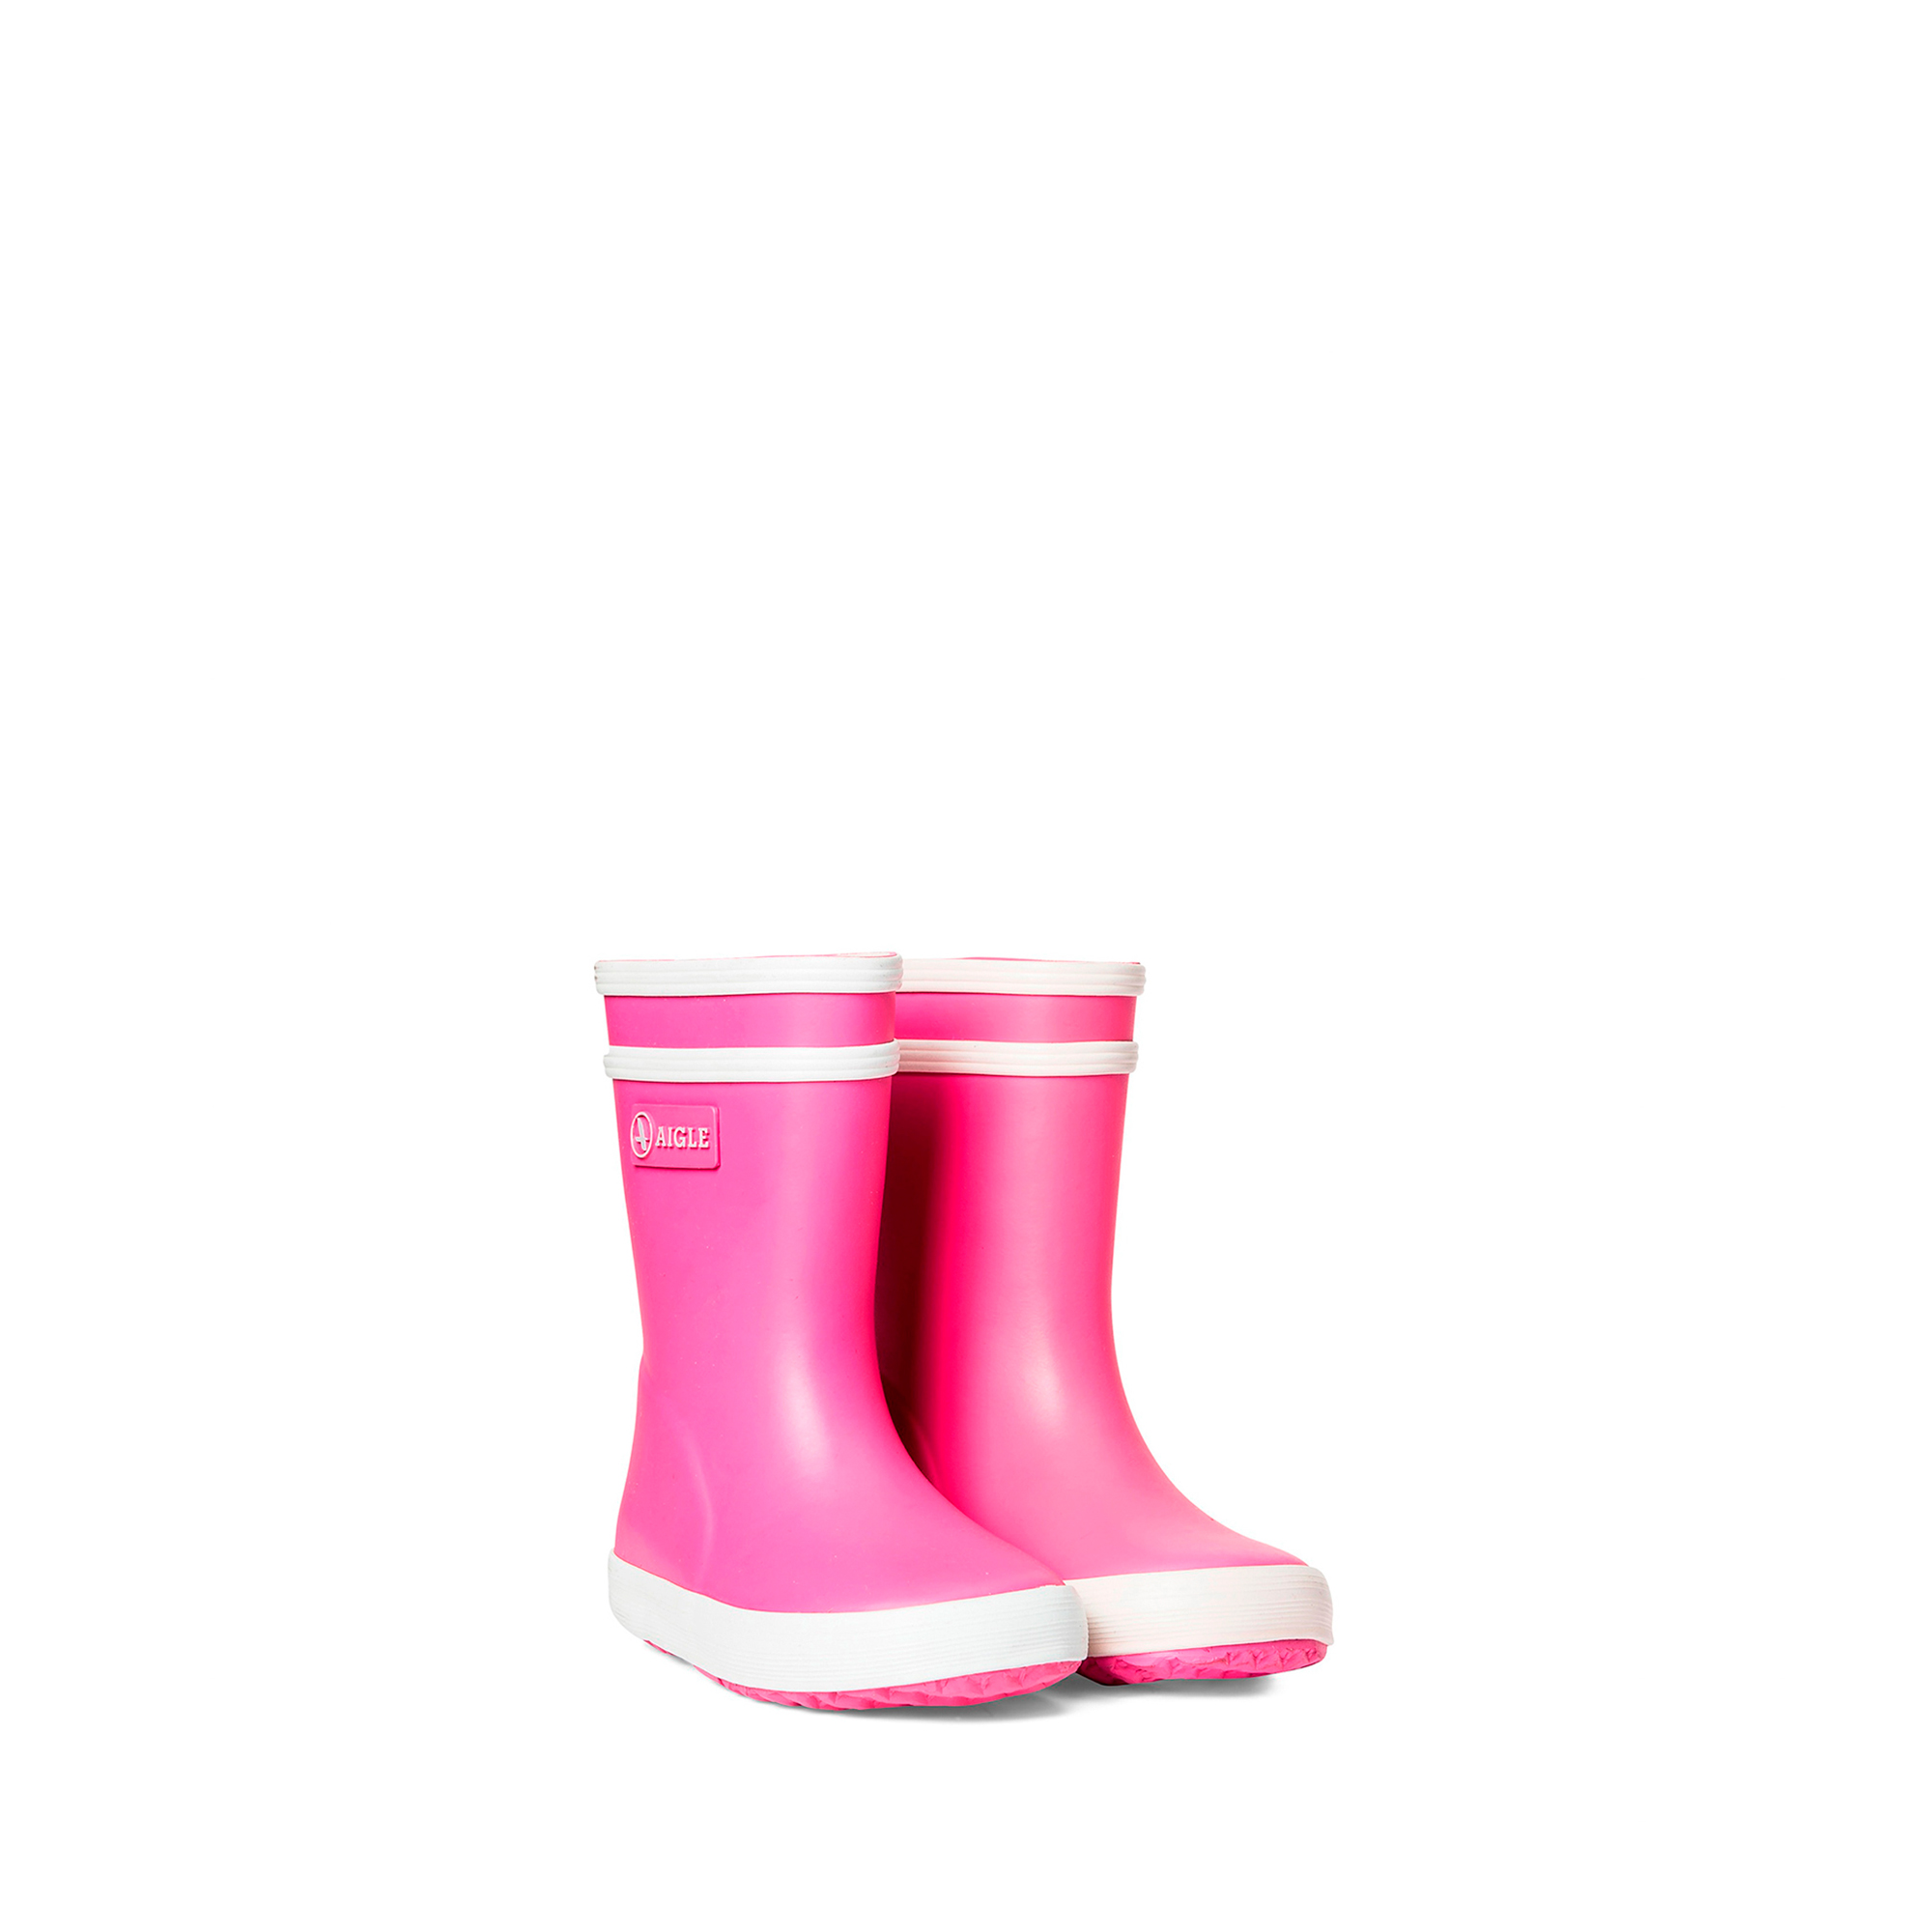 7d9d225b5da55 Botte de pluie pour les tout petits. 26